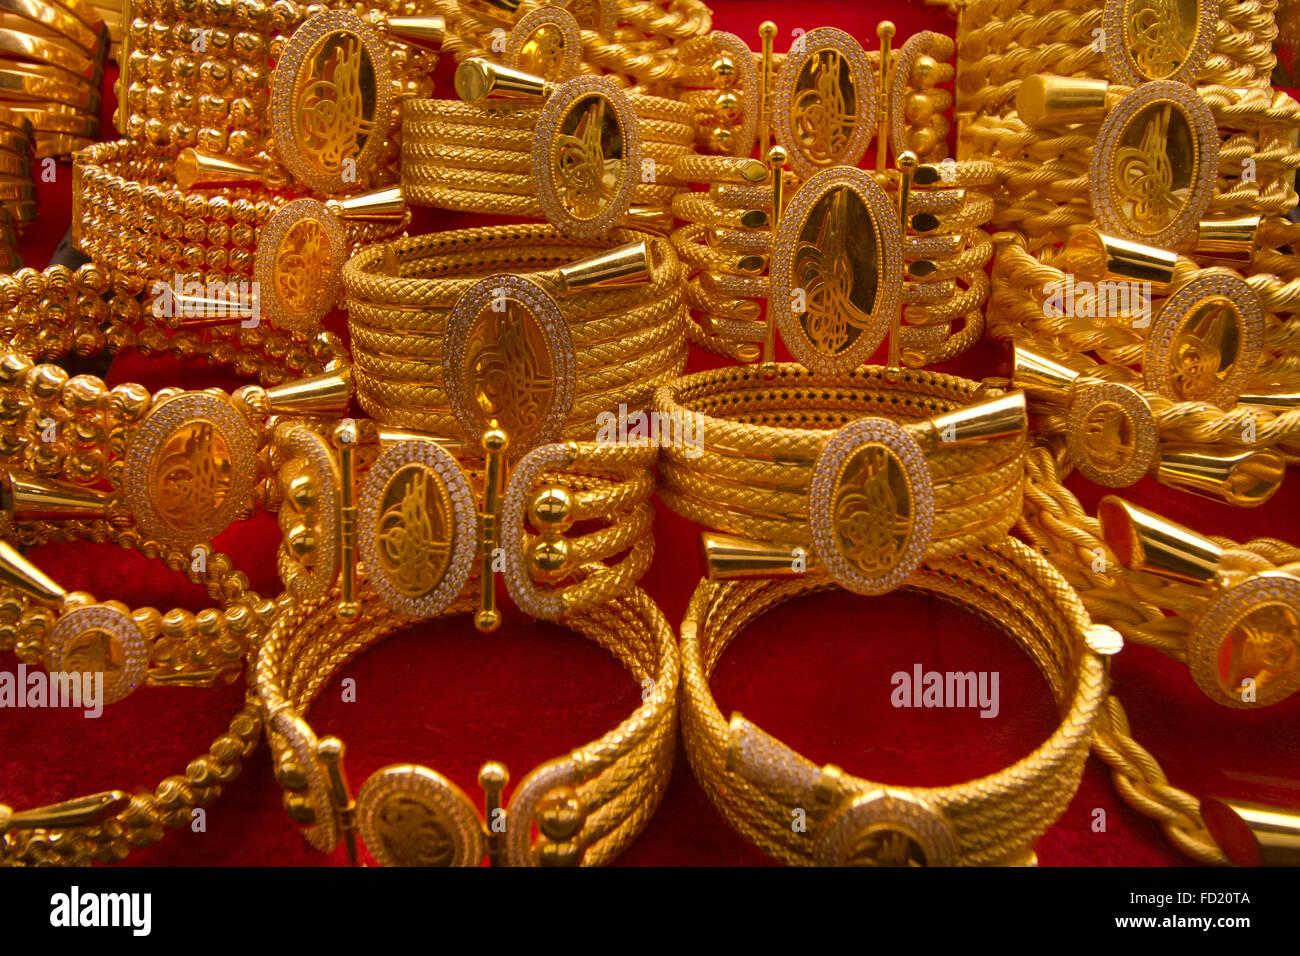 Arap gold - display identici può essere visto in Gold Souq in tutti gli Stati del Golfo Immagini Stock